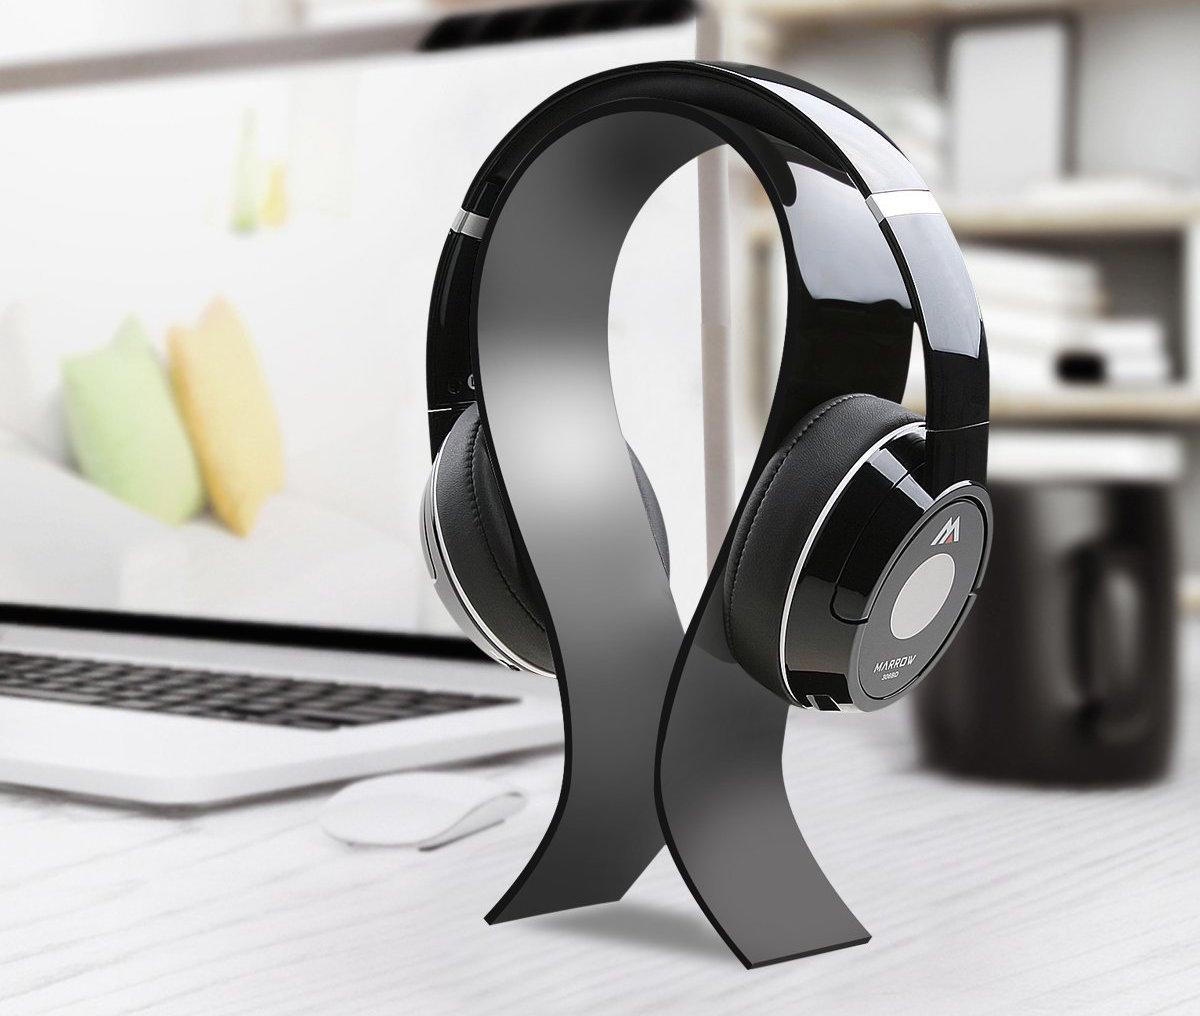 AmoVee Acrylic Headphone Stand